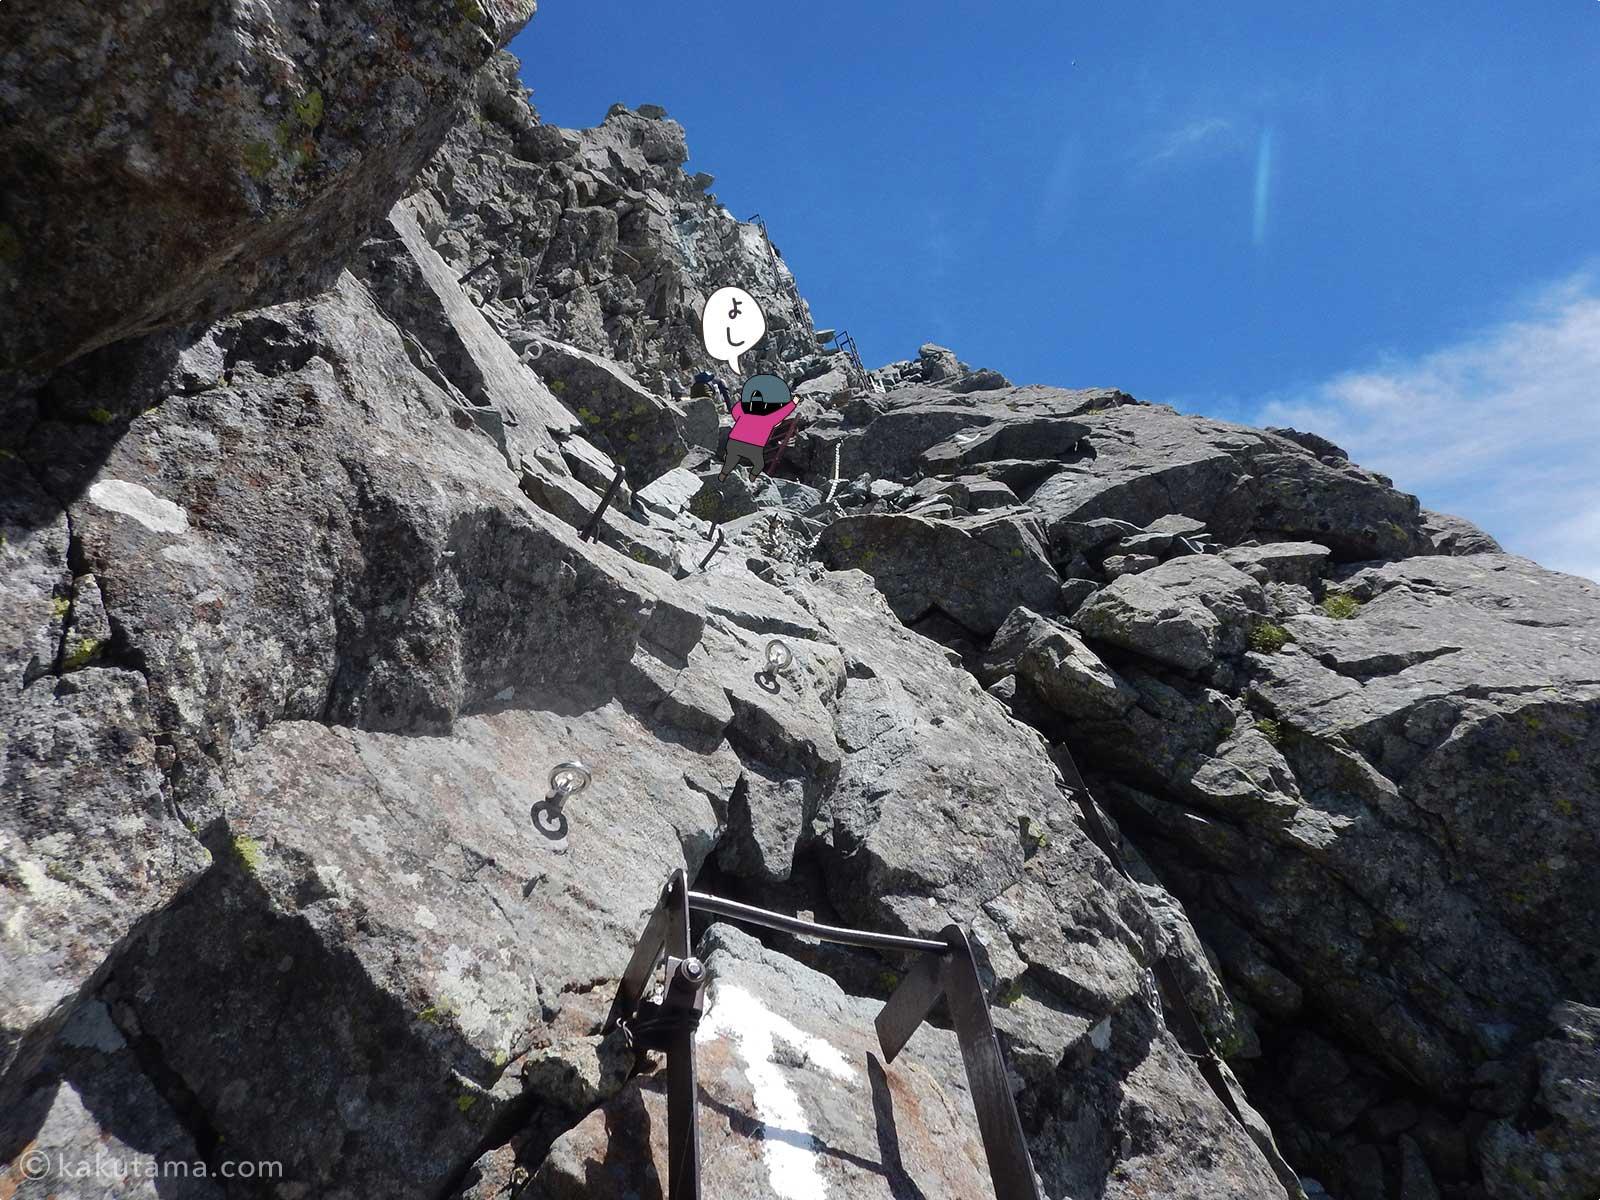 槍ヶ岳の岩場を登っていく3